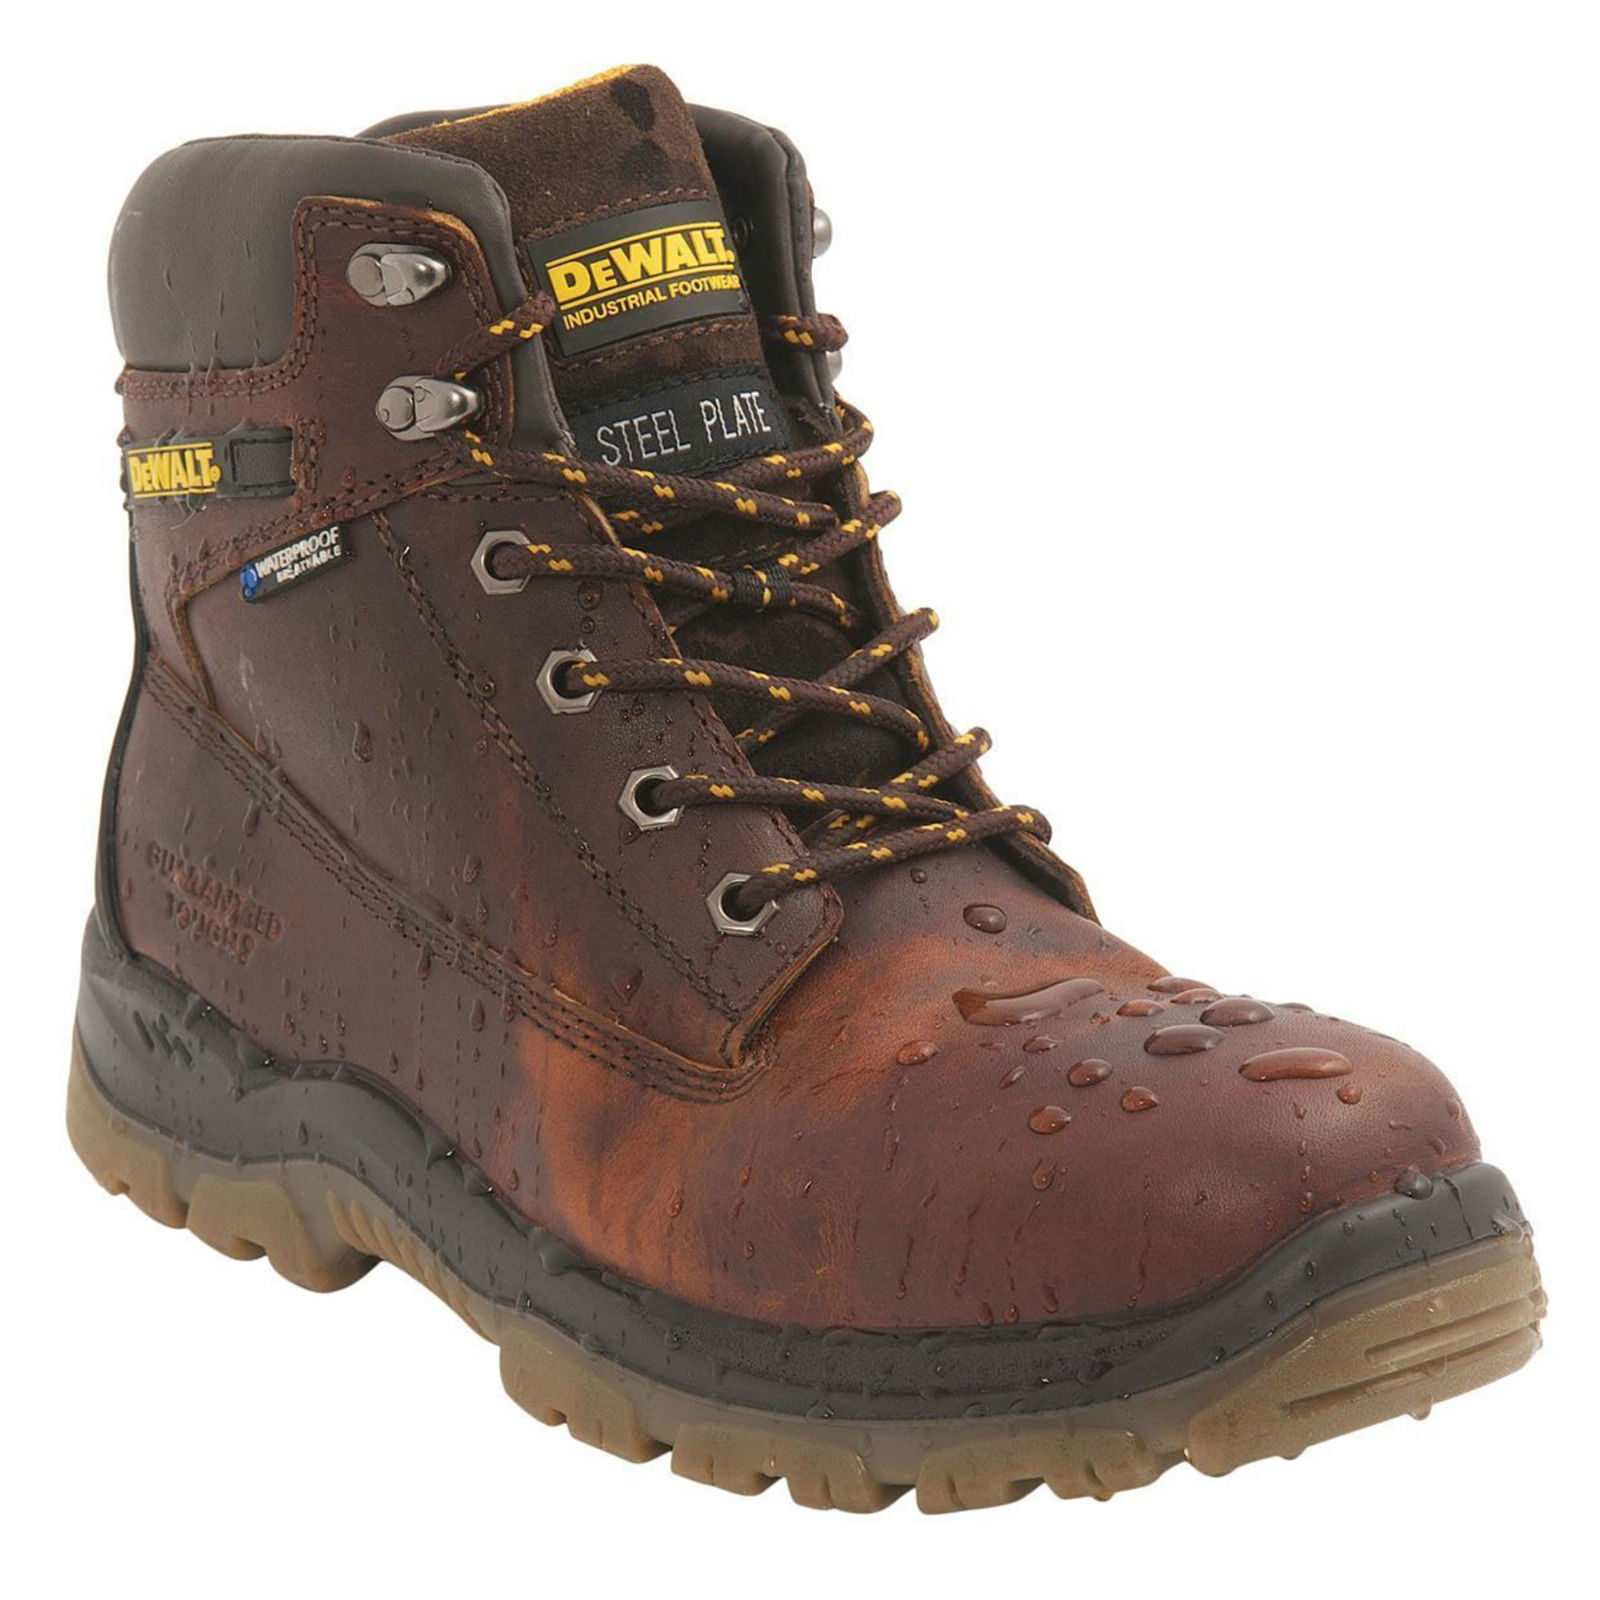 DeWalt Titanium Mens Brown Leather S3 WR Safety Steel Toe Lace Up Boots 7ec0c26d0c